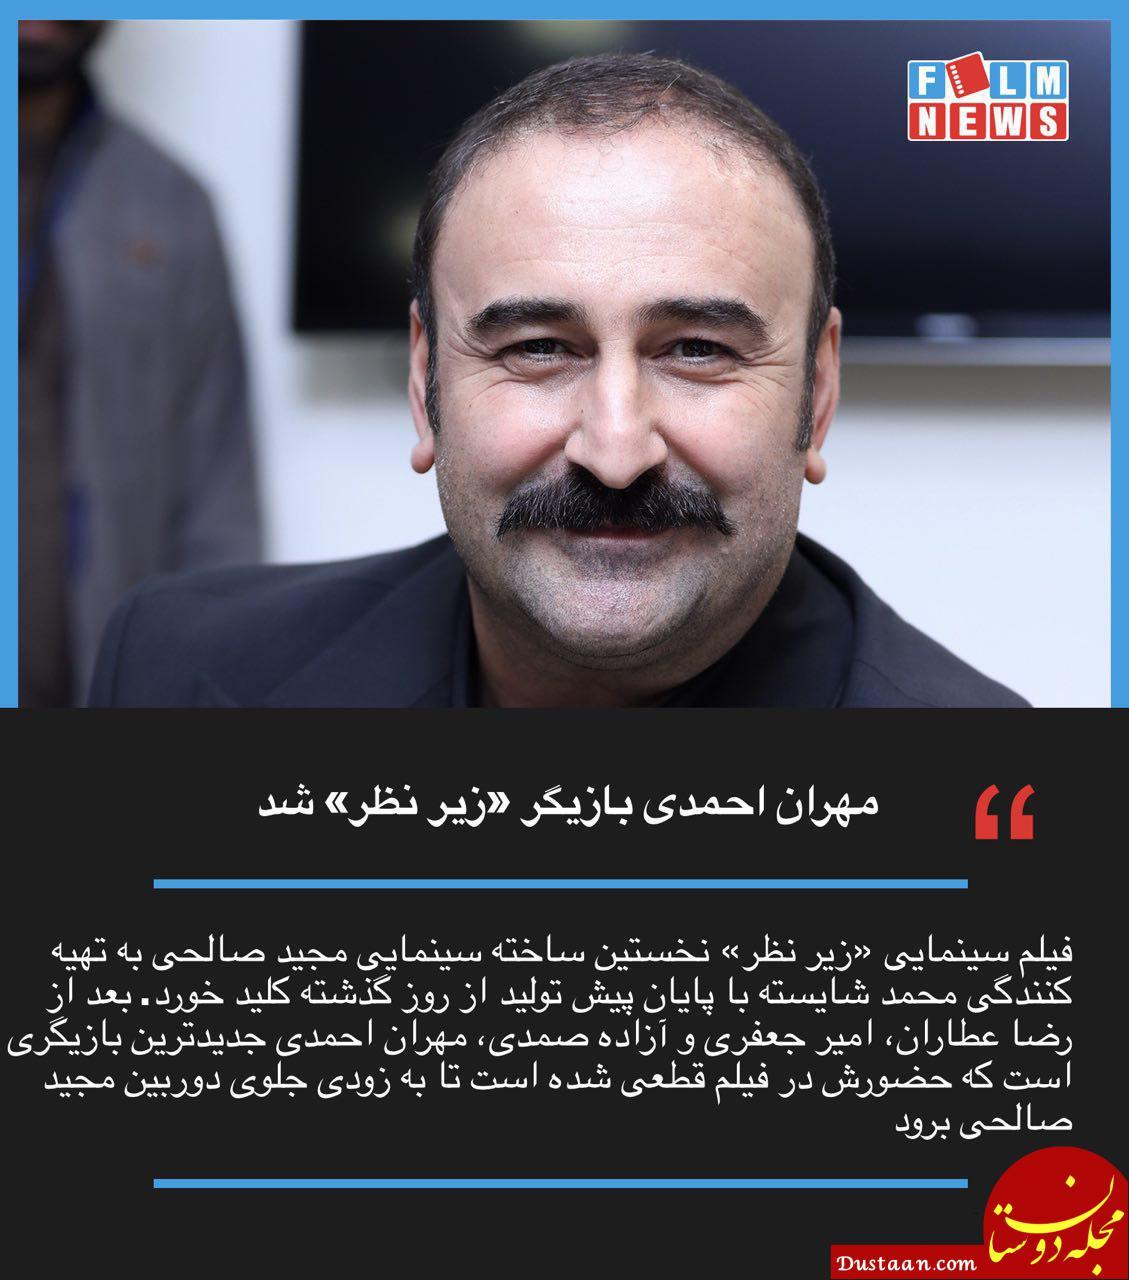 www.dustaan.com اولین فیلم مجید صالحی کلید خورد +عکس